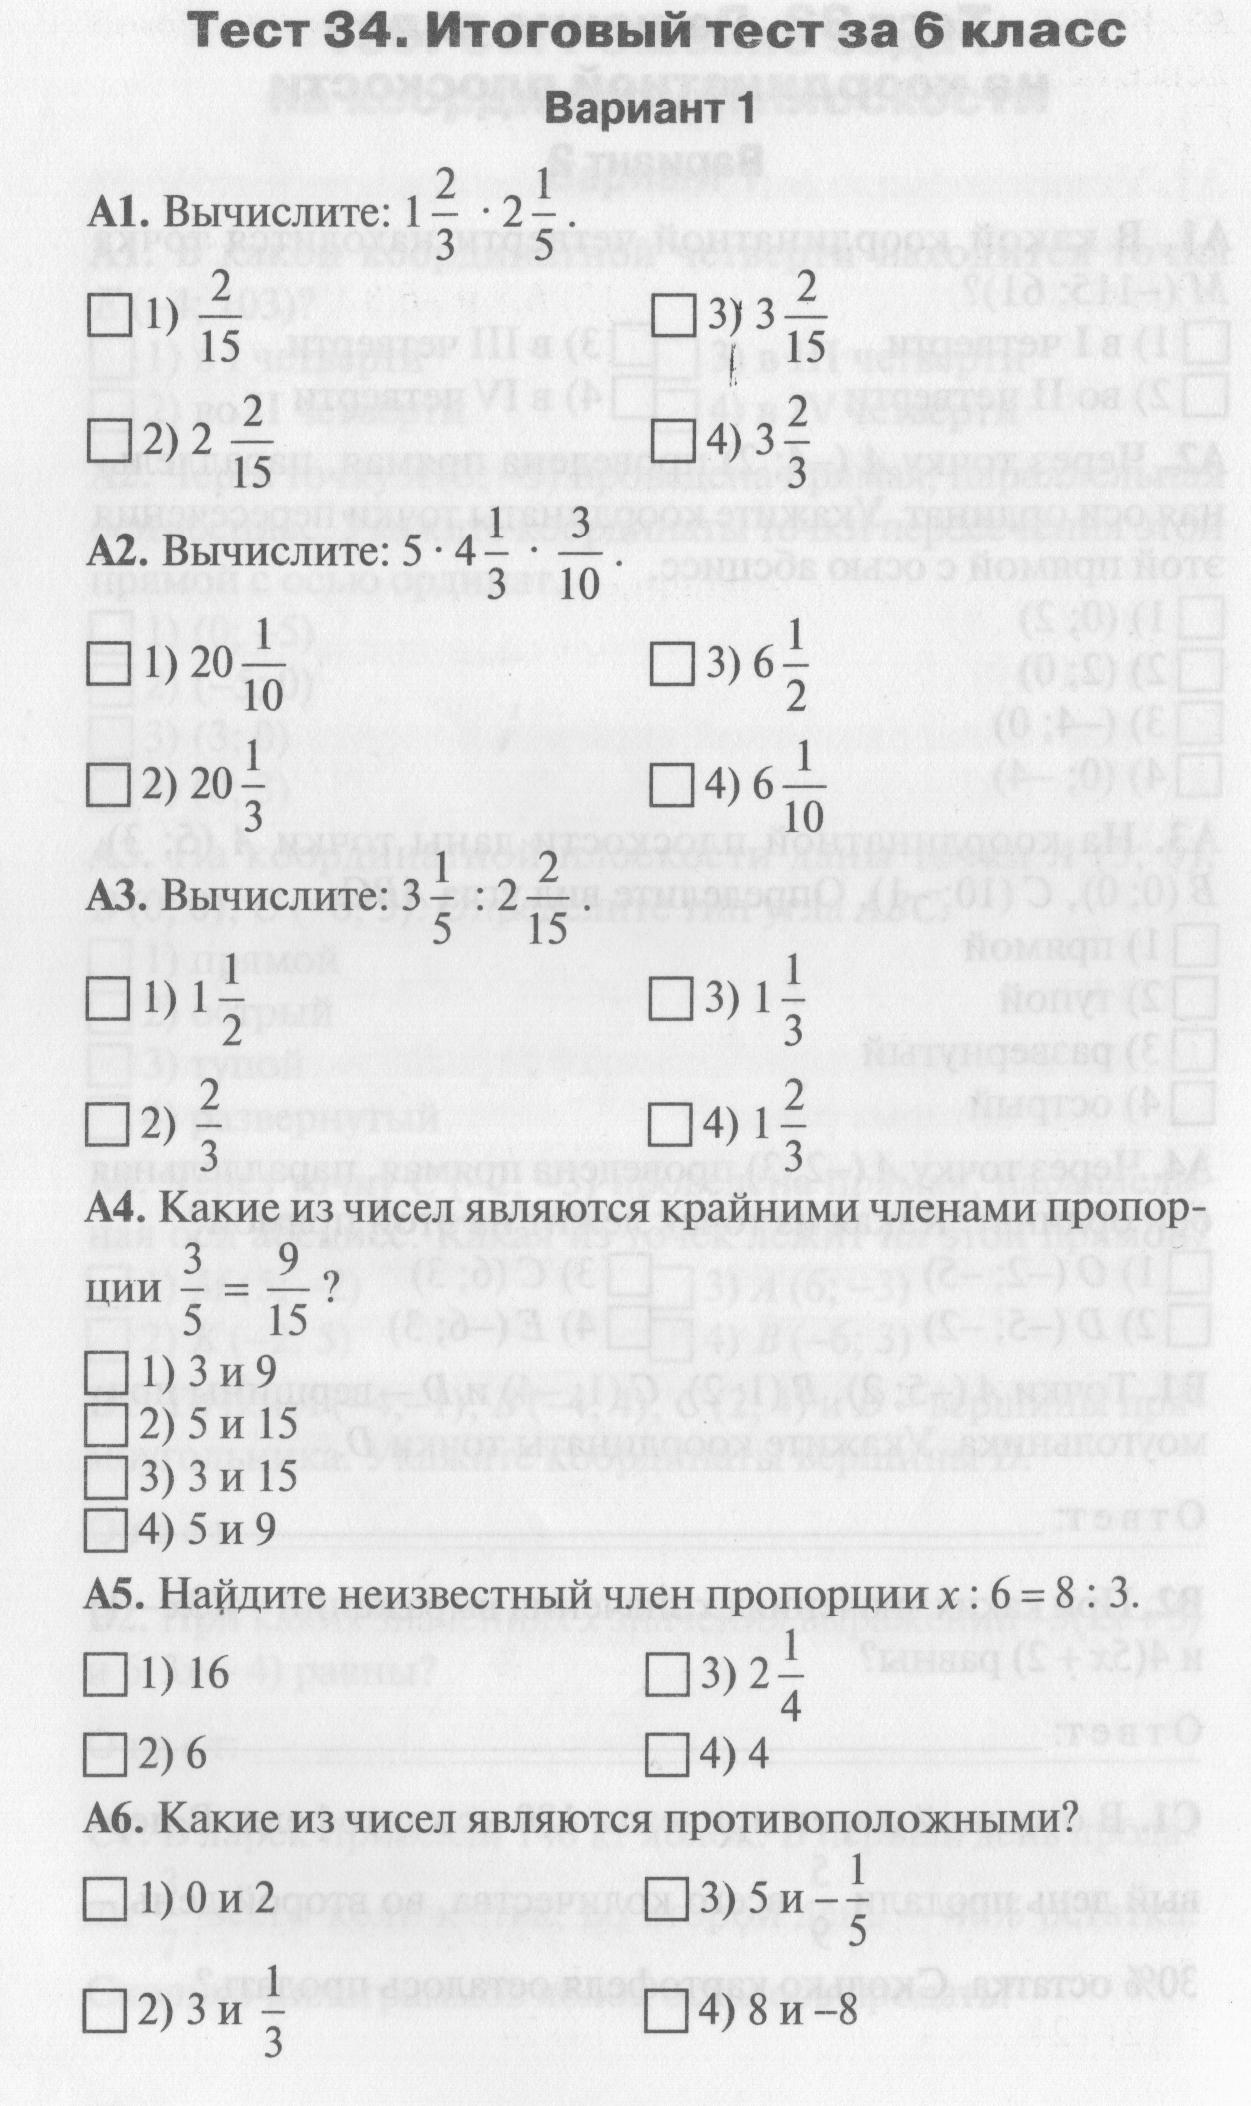 Белорусский решебник по географии 7 класс з.я.андриевская и.п.галай